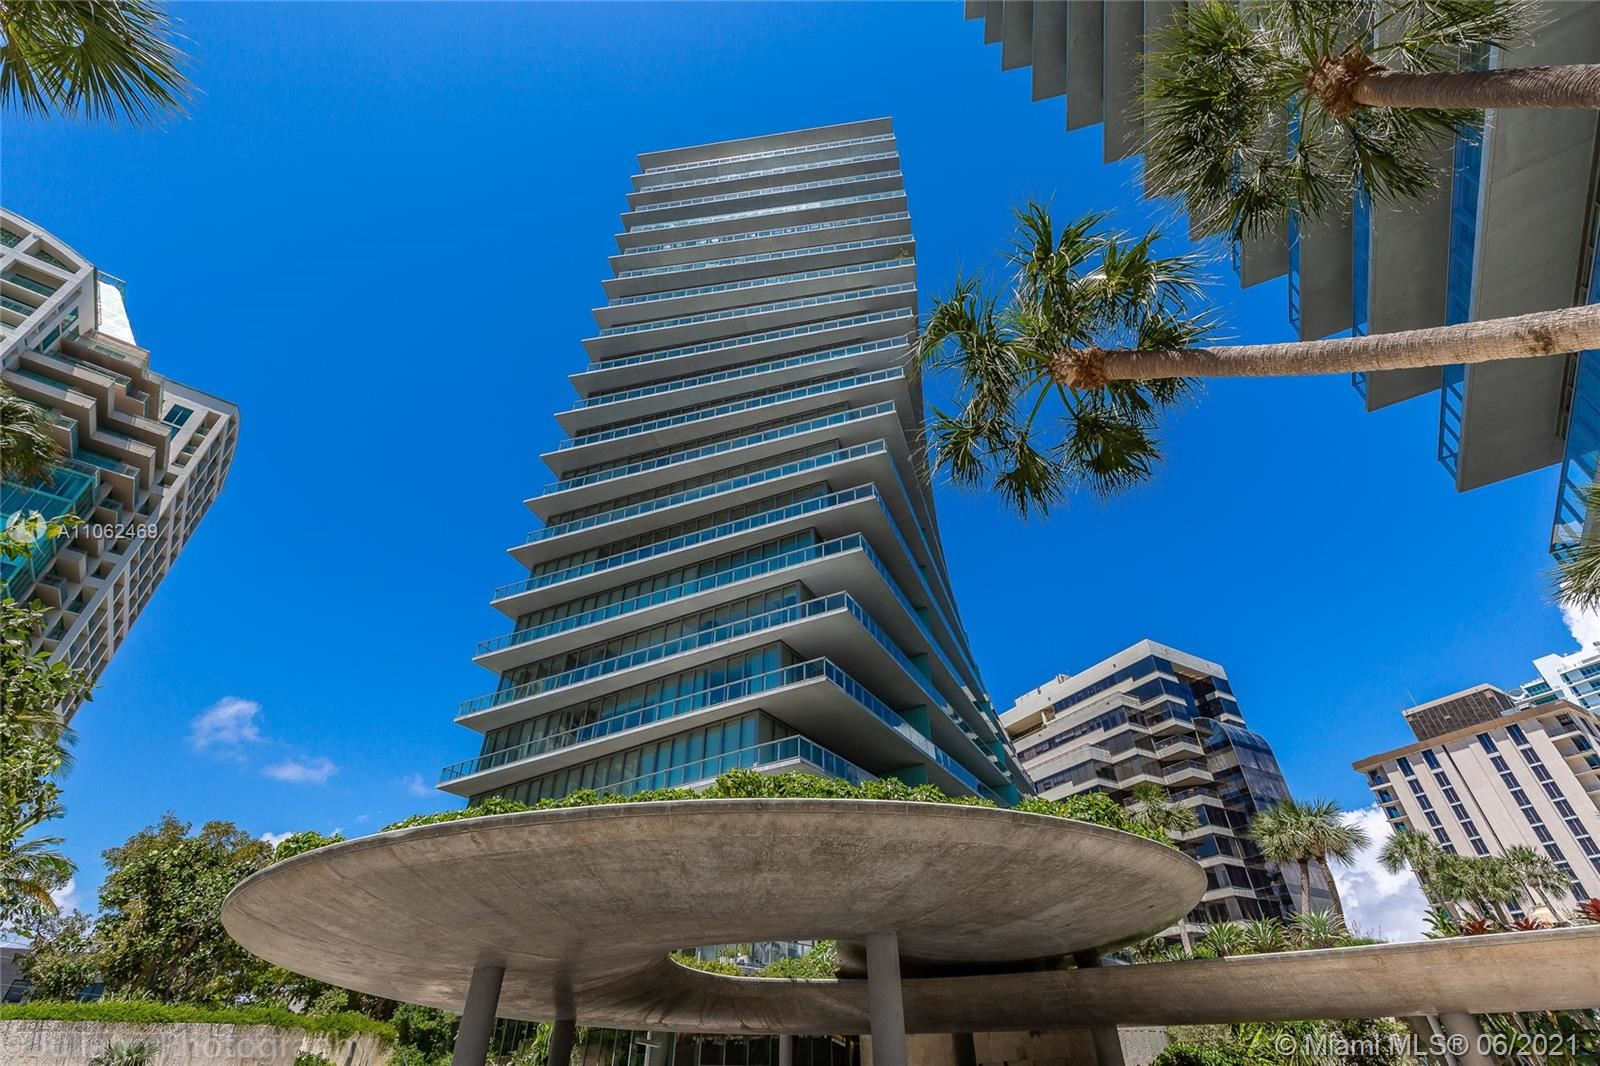 2669 S Bayshore Dr #603N, Miami, FL 33133 - #: A11062469